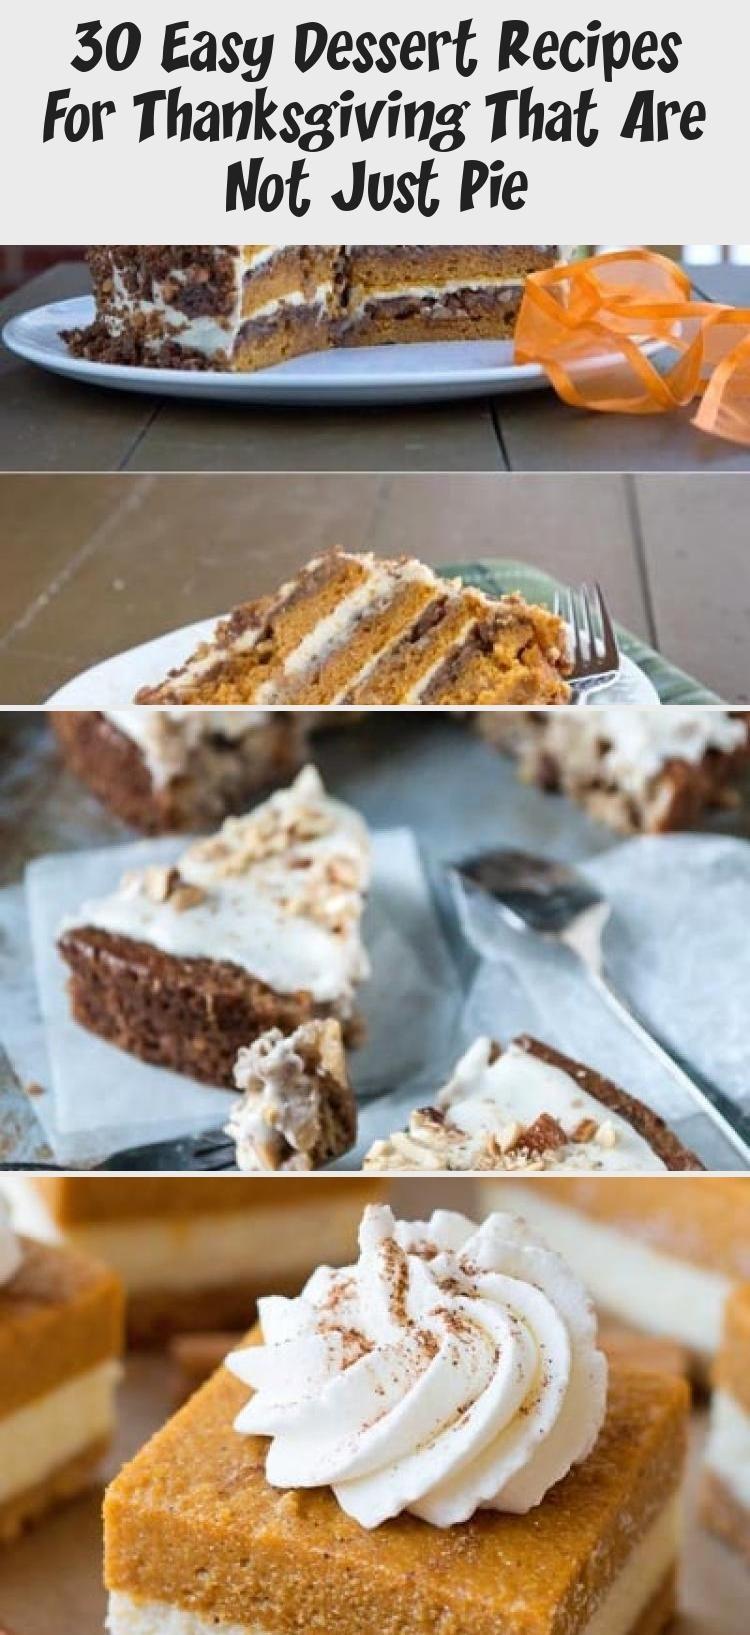 Photo of 30 recetas fáciles de postres para el Día de Acción de Gracias que no son solo pastel – Recetas de carne